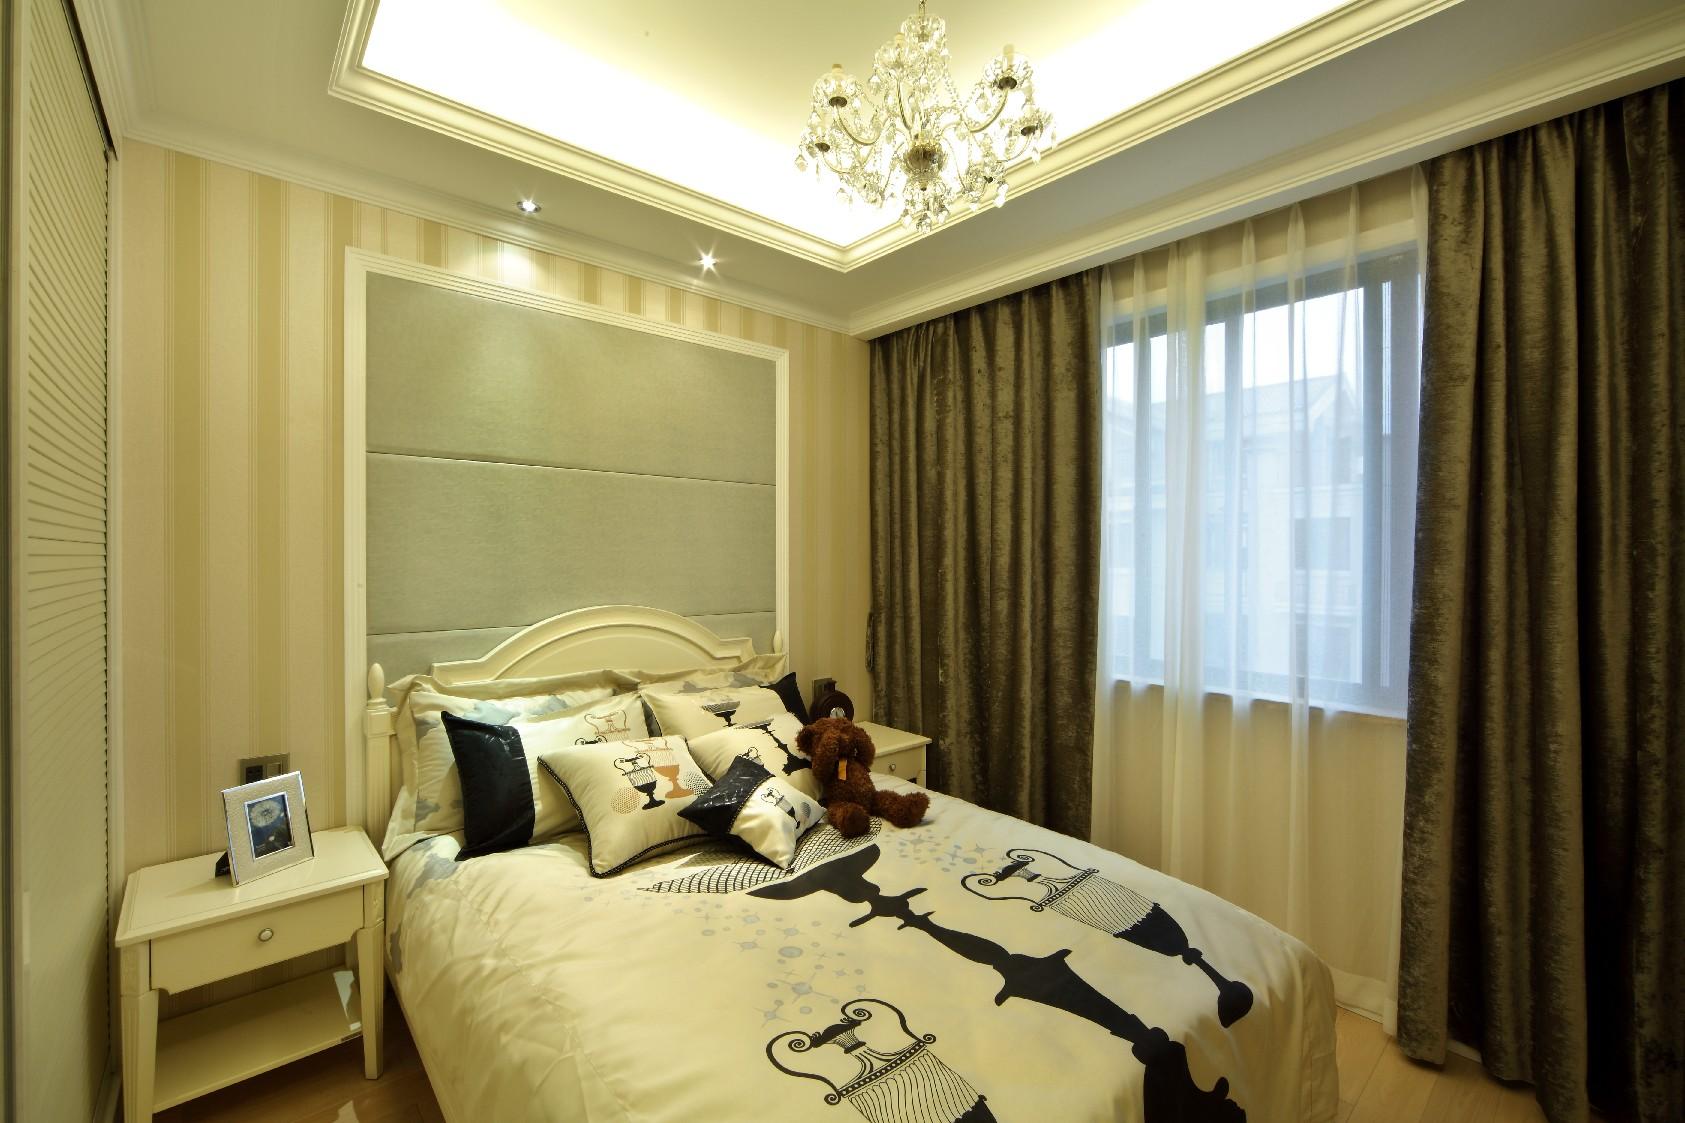 深色系的背景墙和浅色系的软装、家居搭配起来,形成一种对比感。